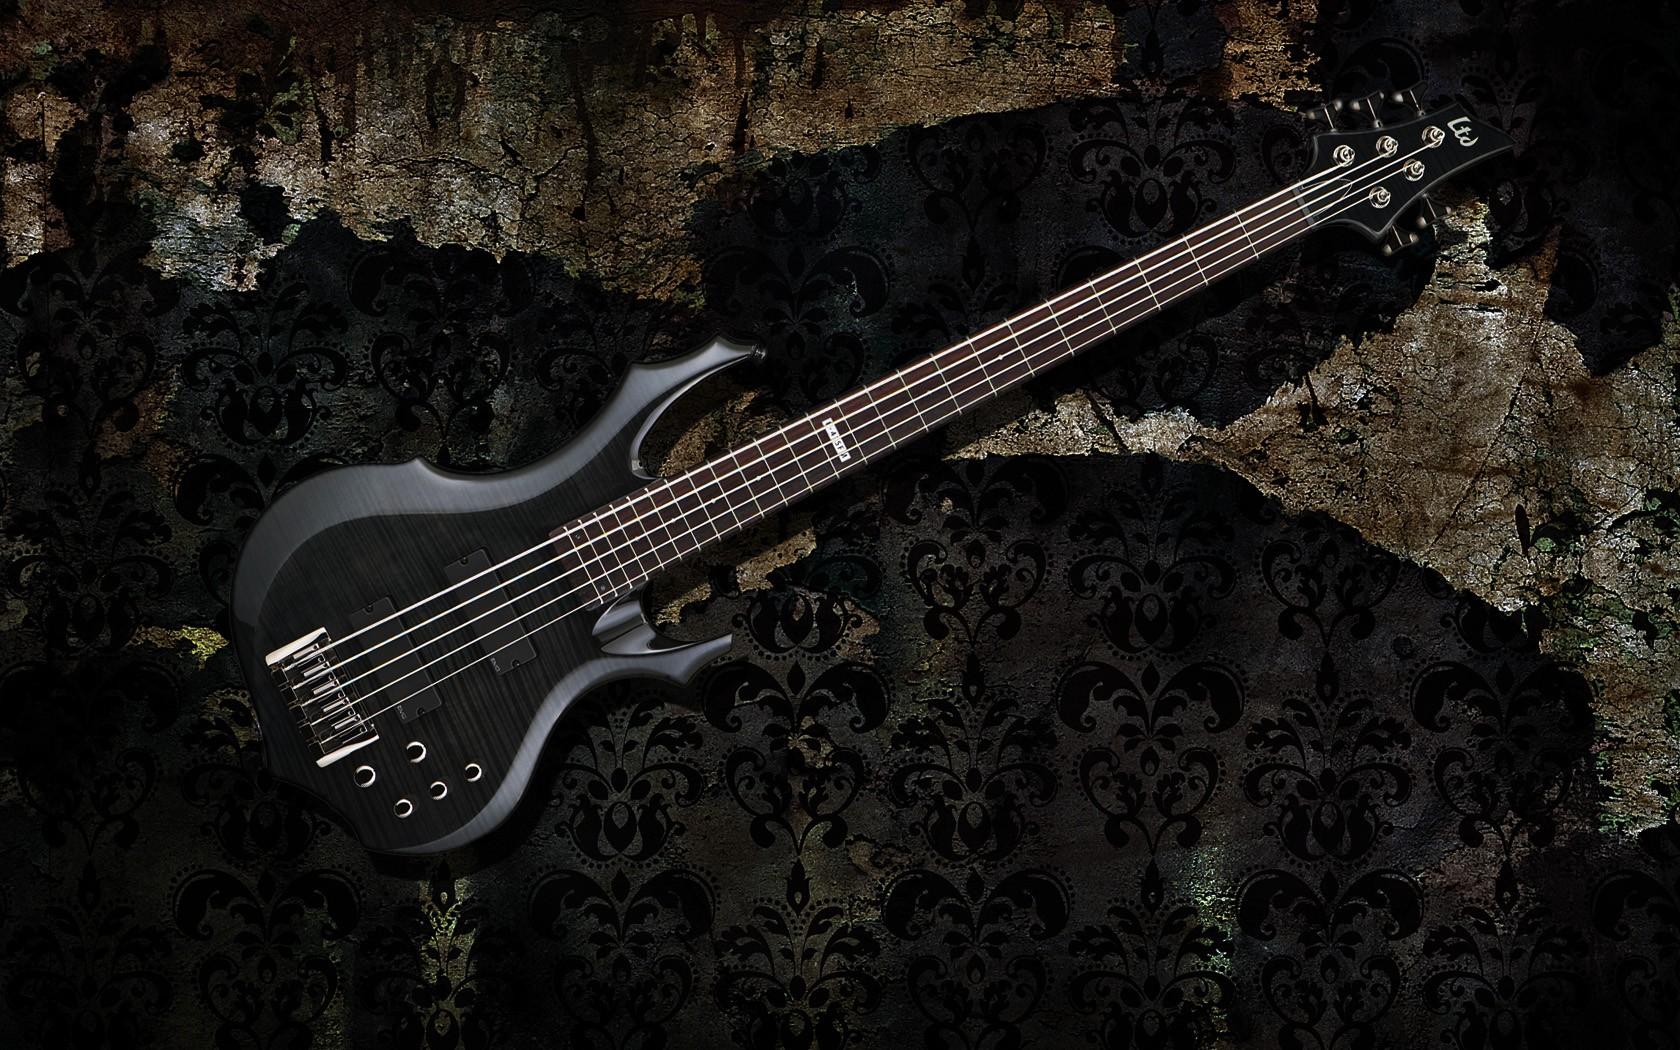 Wonderful Wallpaper Music Bass - 13705788201122930892music-bass_00290936  Snapshot_31770.jpg